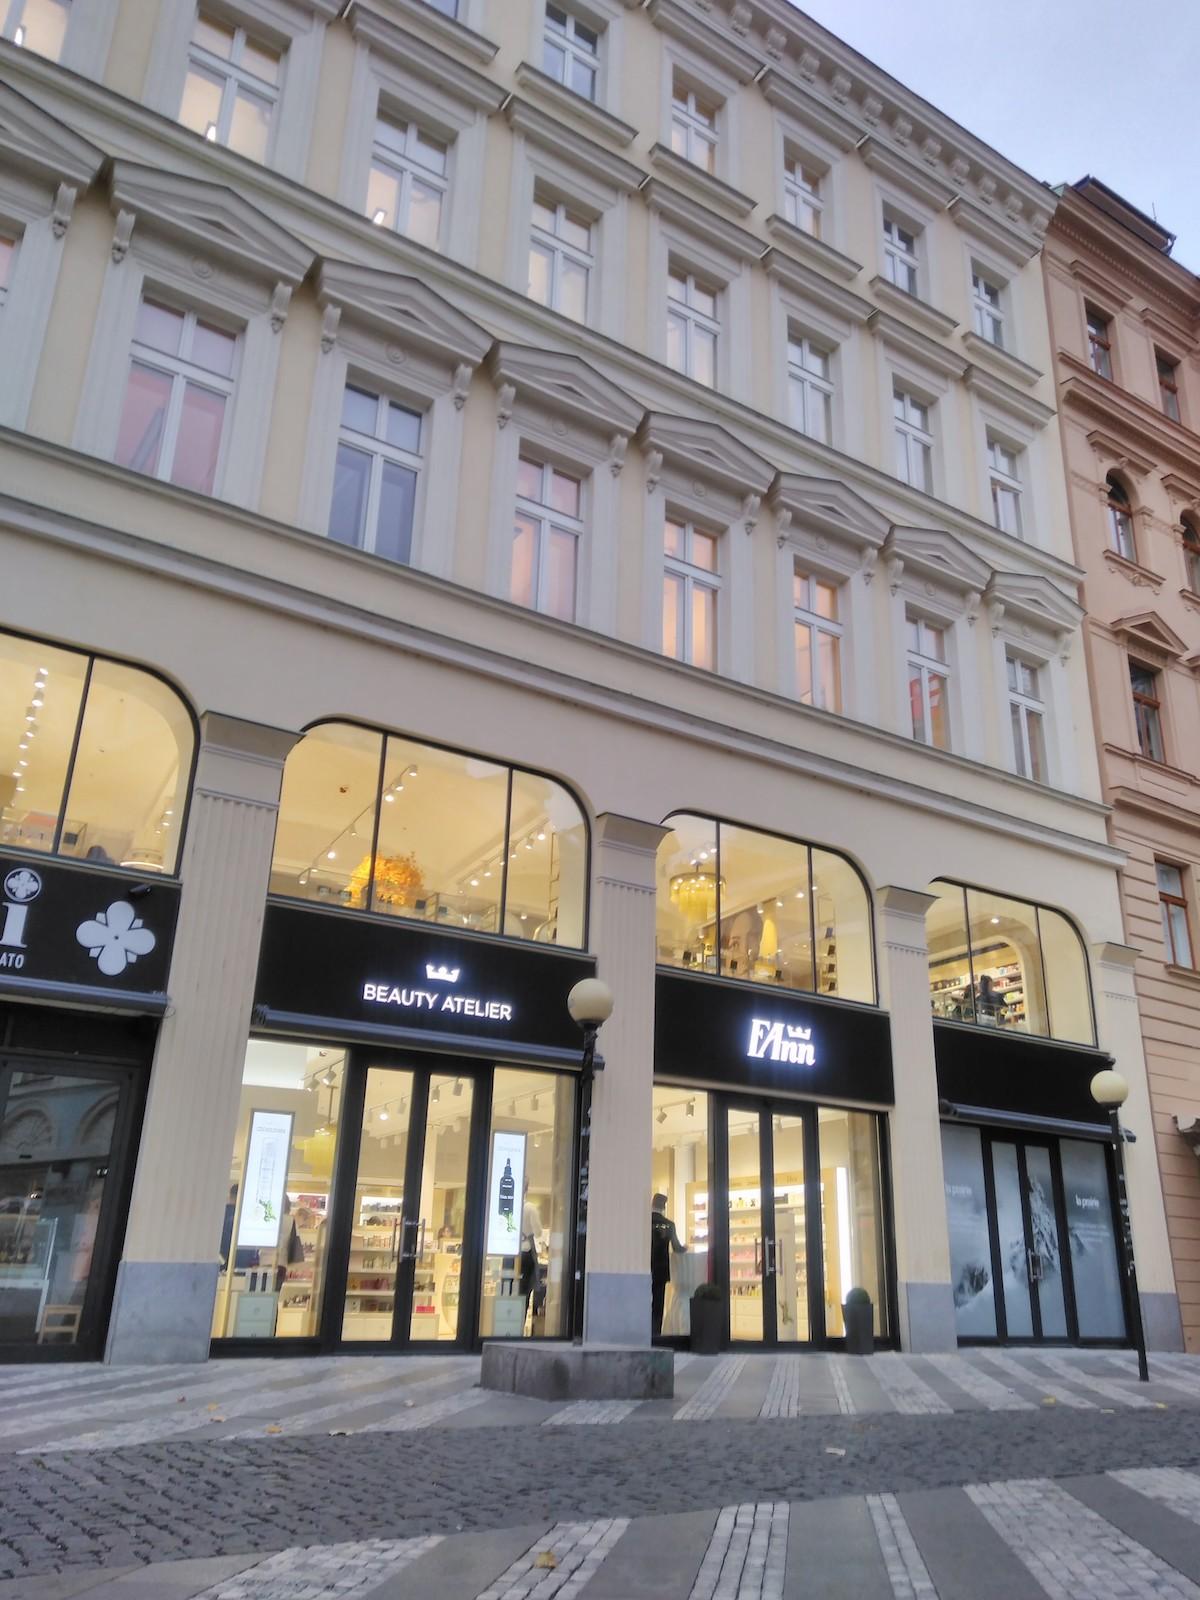 Nový Fann Beauty Atelier obsadil přízemí a první patro